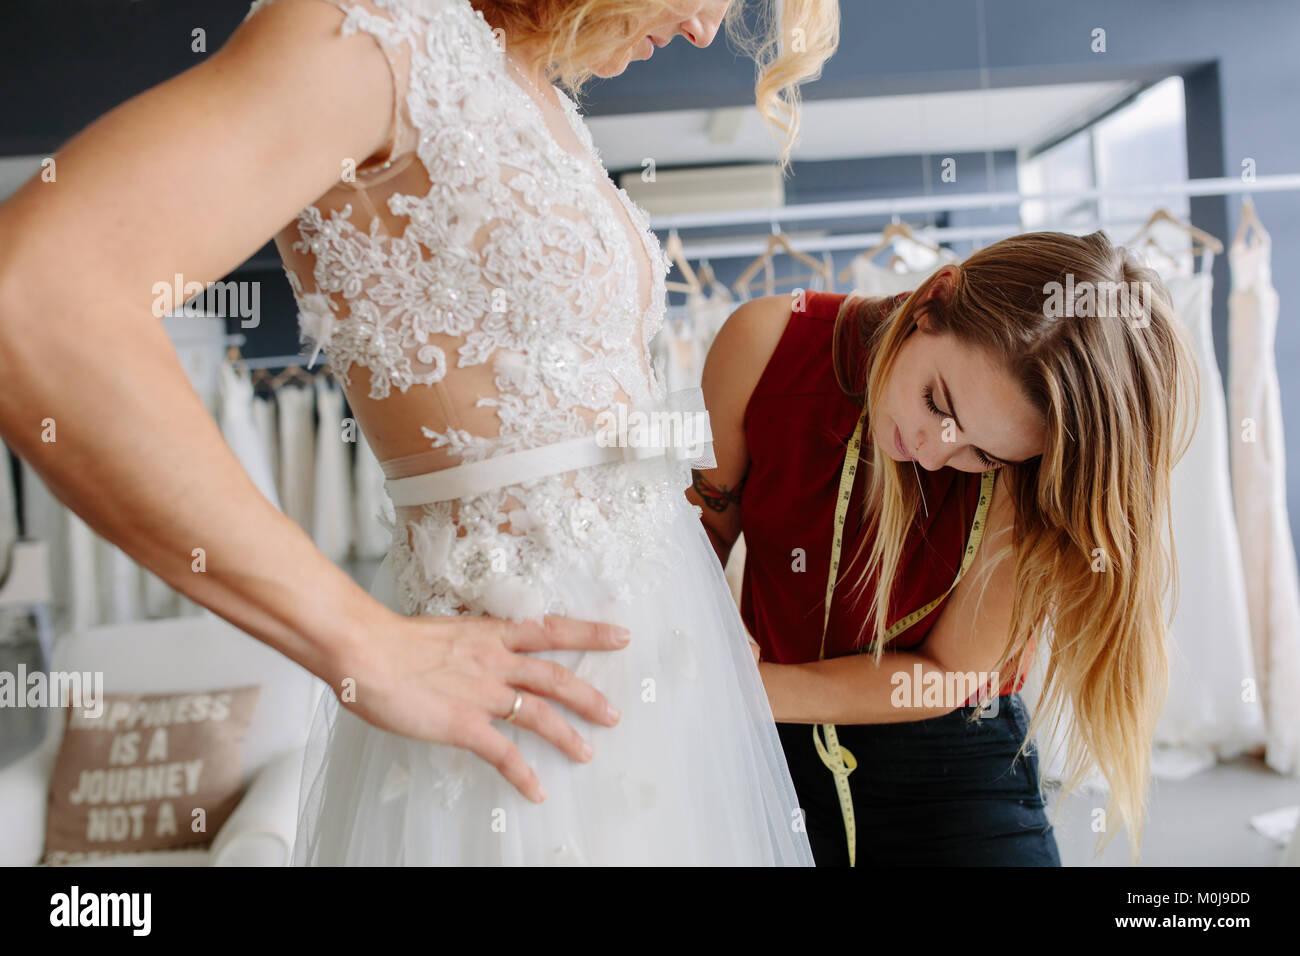 Robe habile montage designer robe de mariage pour femme dans la boutique. Femme d'effectuer des réglages Photo Stock